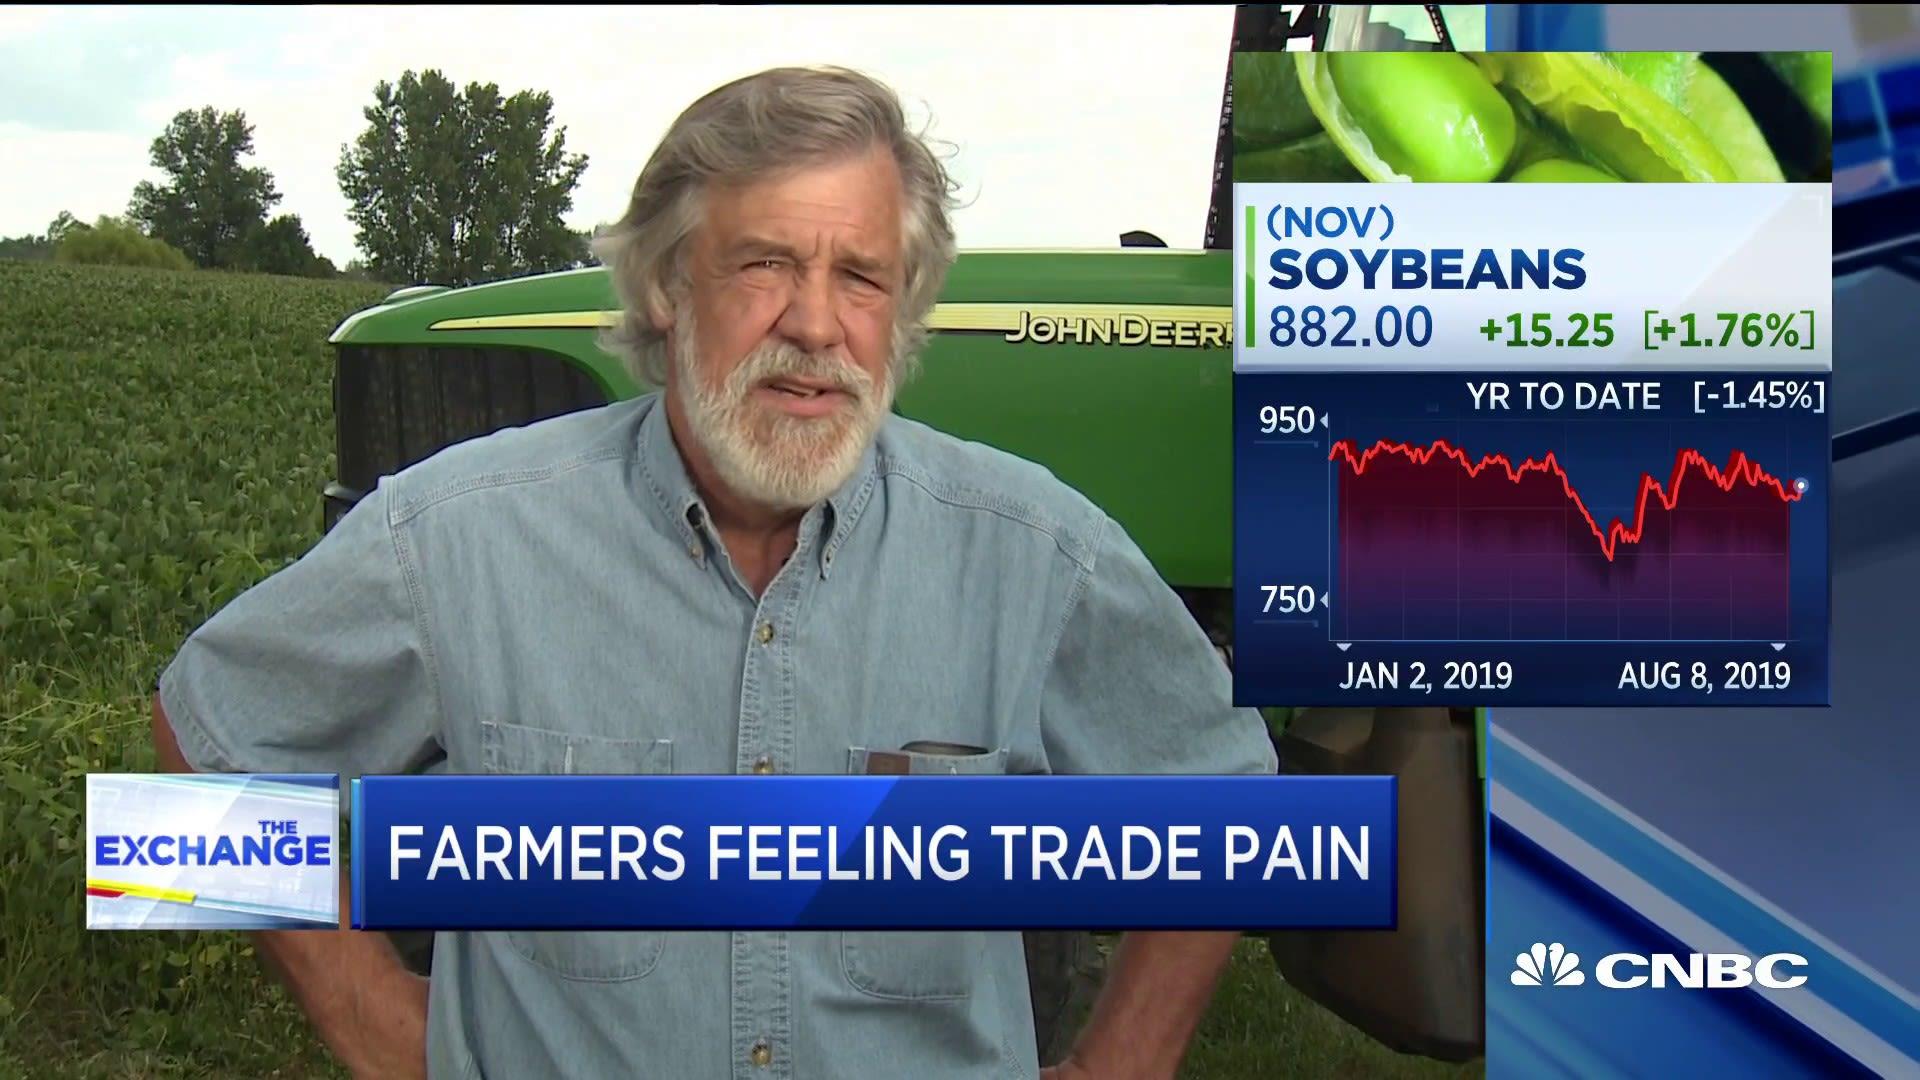 طرفدار ترامپ-کشاورز اهل اوهایو